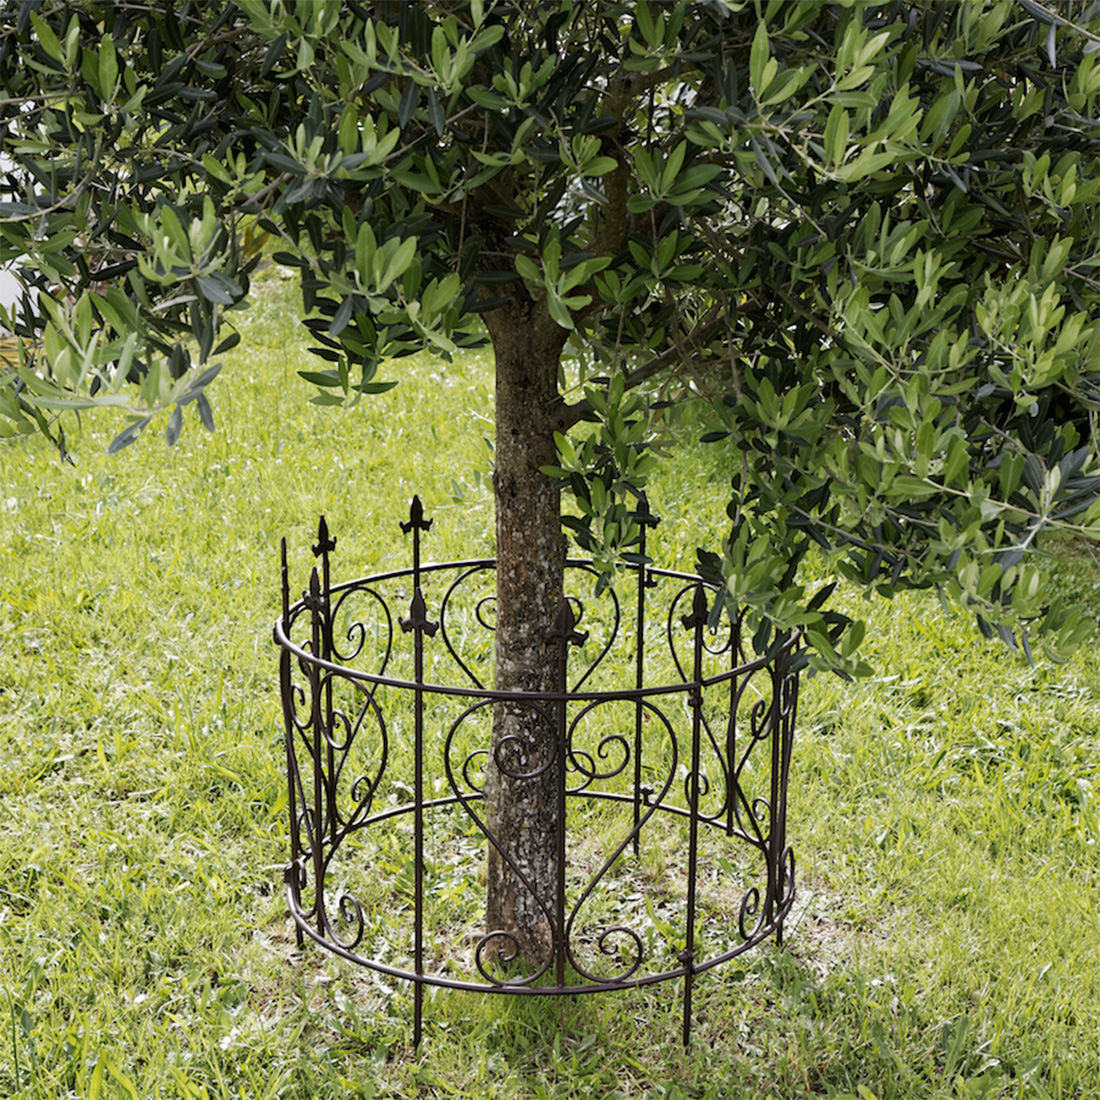 Bordures de jardin en metal nouveaux mod les de maison for Bordure de jardin